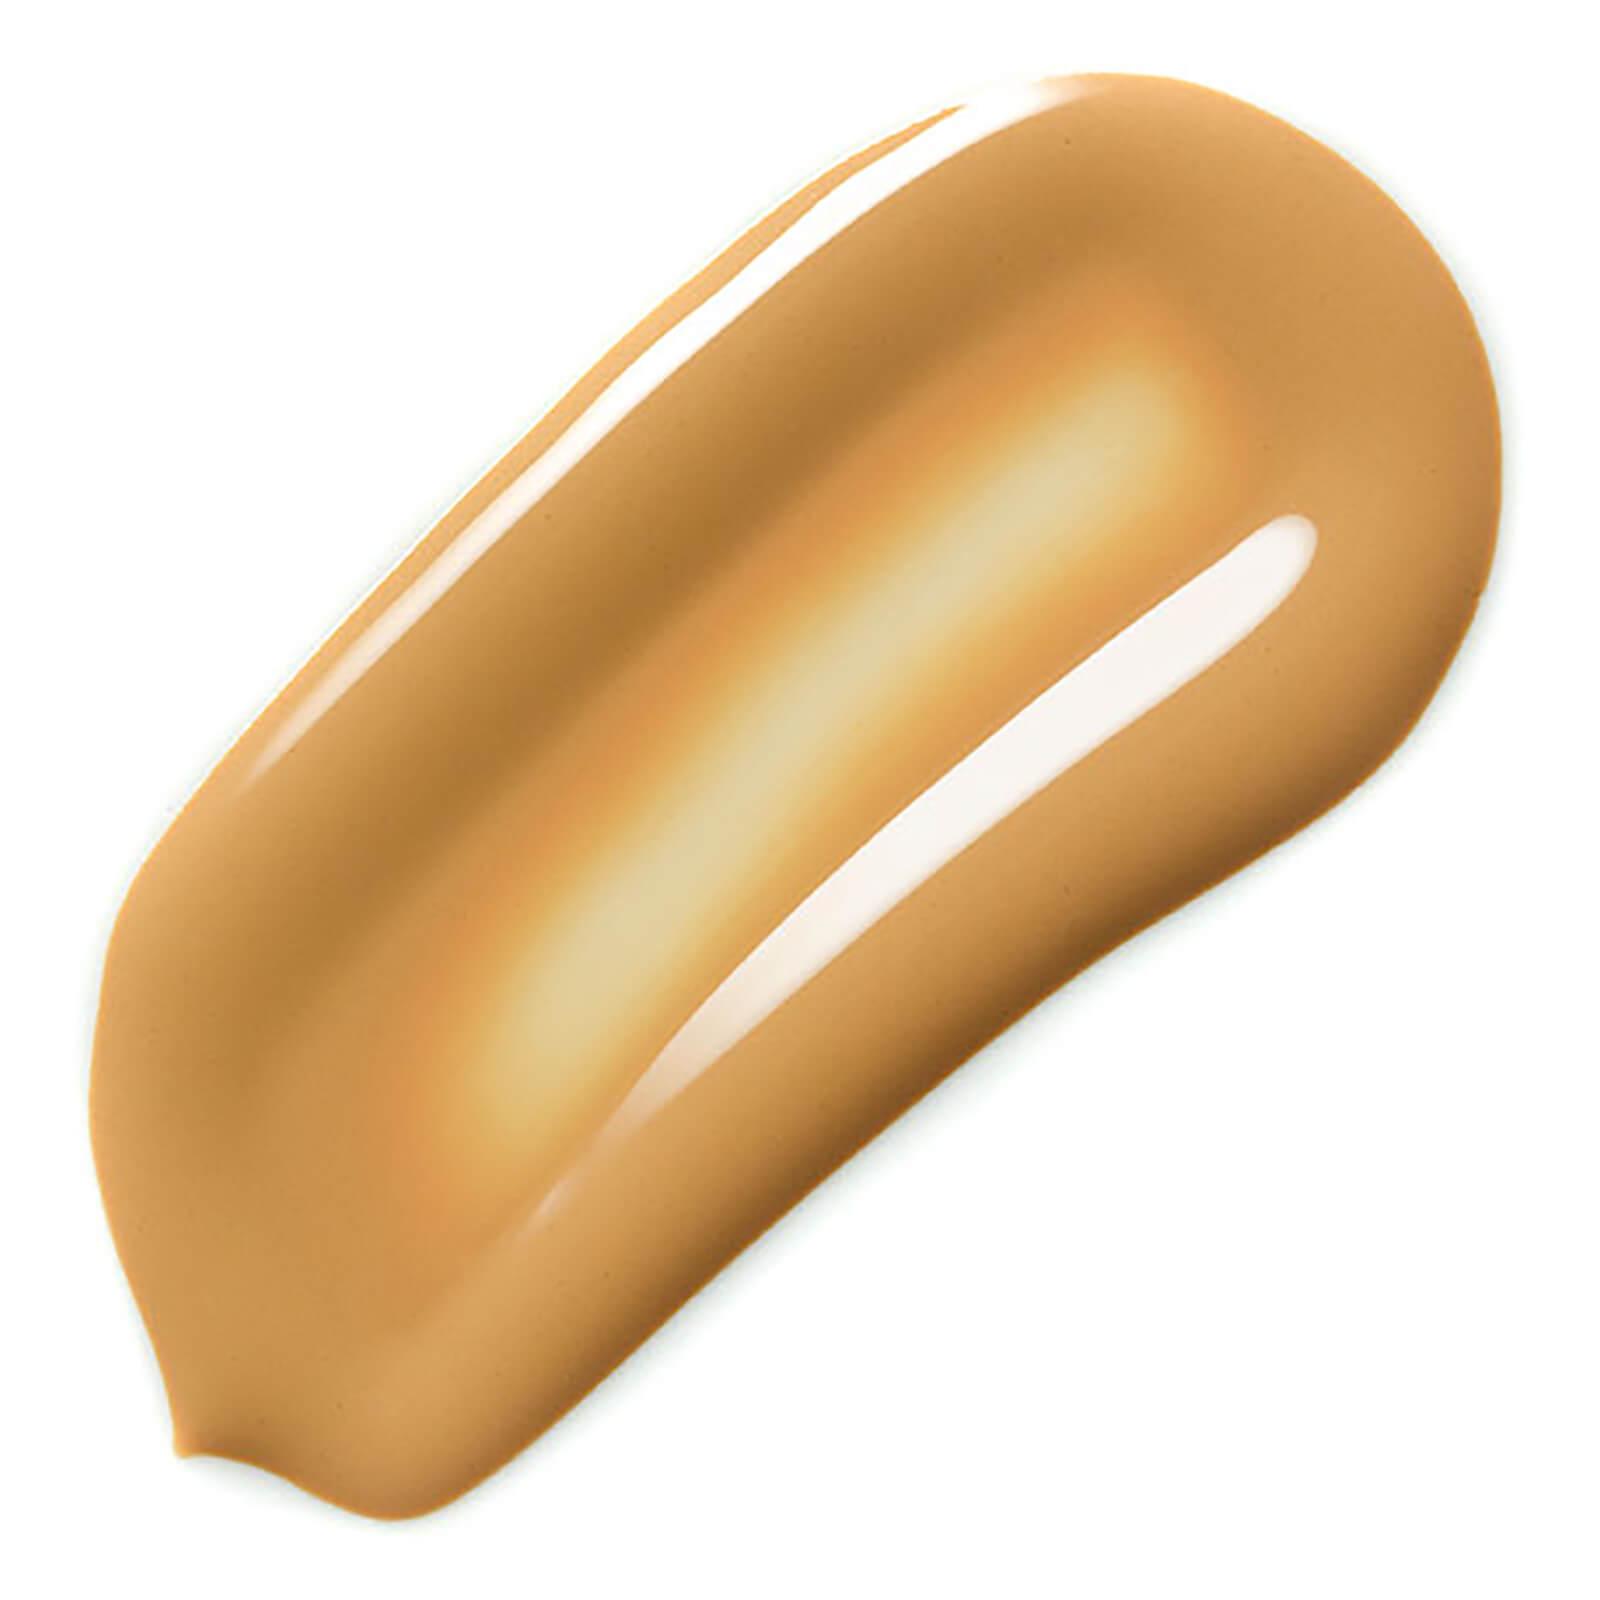 Bobbi Brown Skin Foundation SPF15 30ml (Various Shades) - Natural Tan